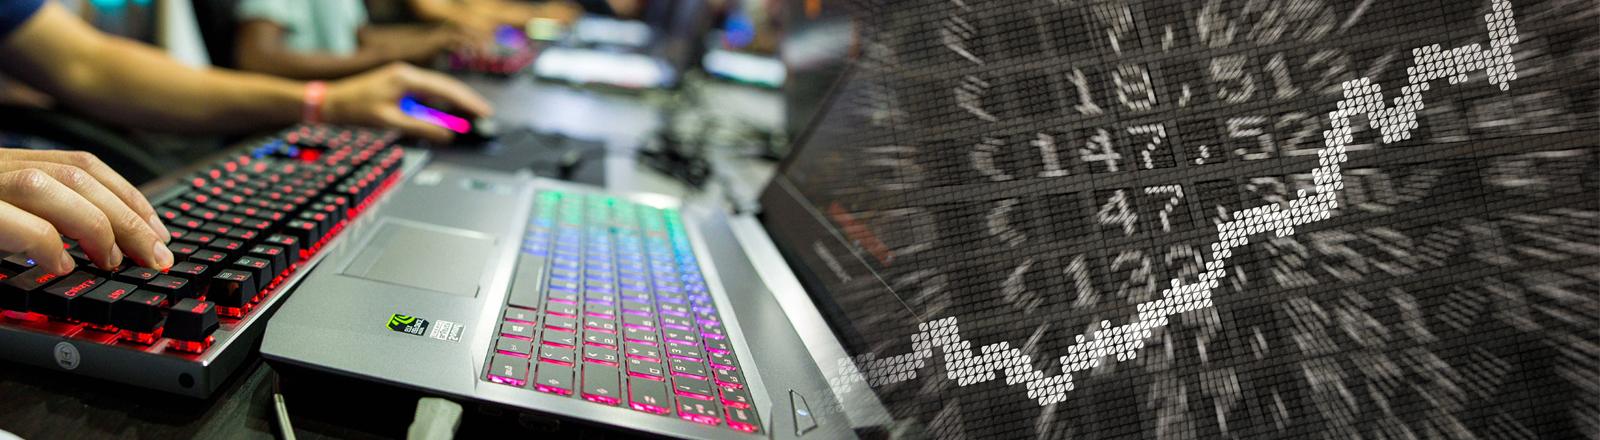 Computerspiel und Aktienkurs. Wirtschaftssimulationen sind wieder in.